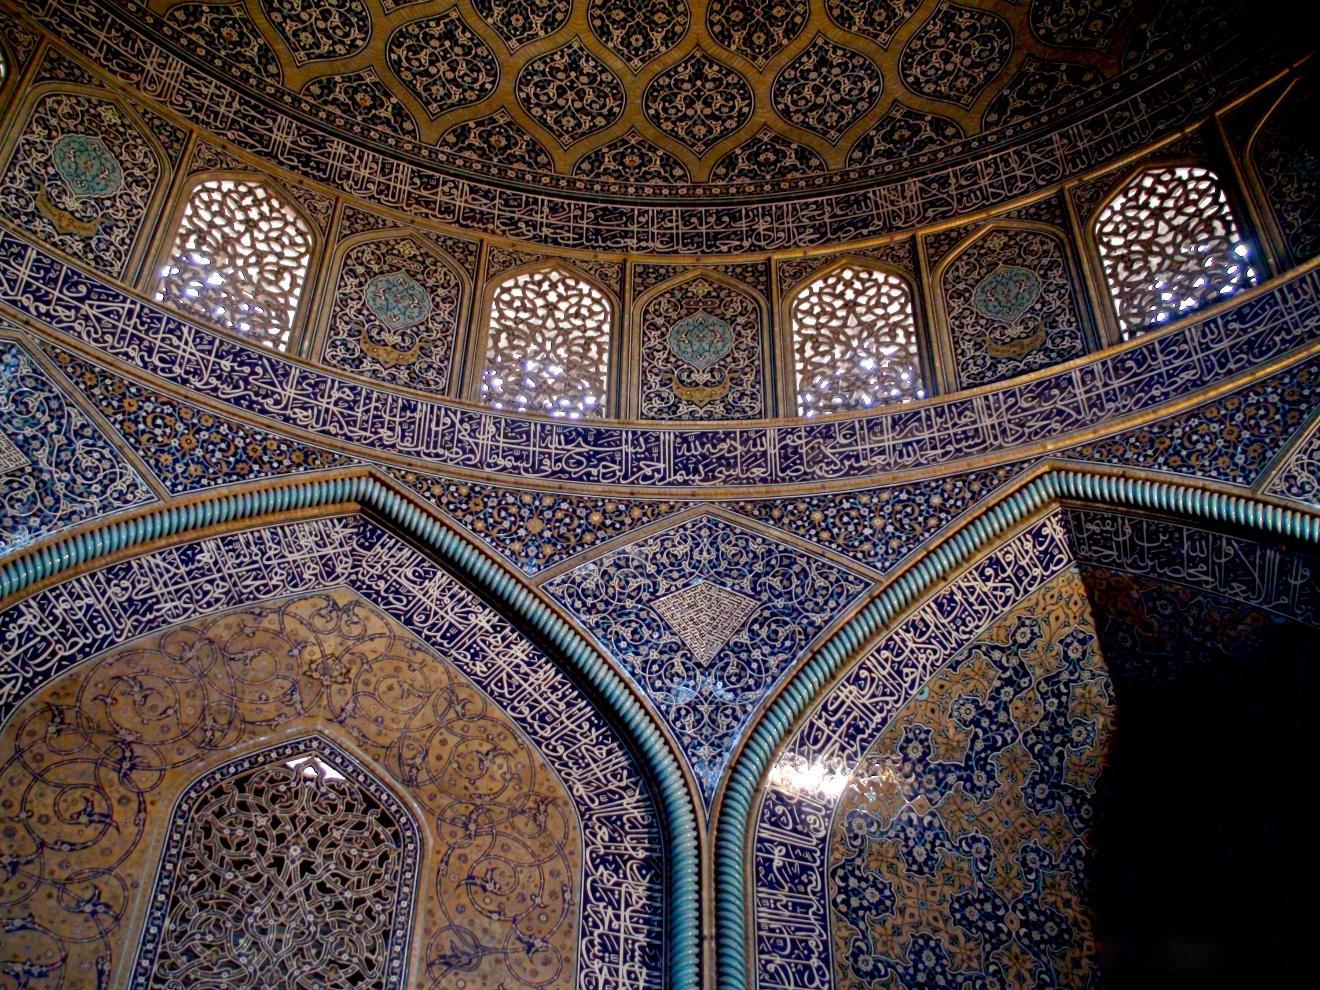 الرسم بالخط العربي في إيران